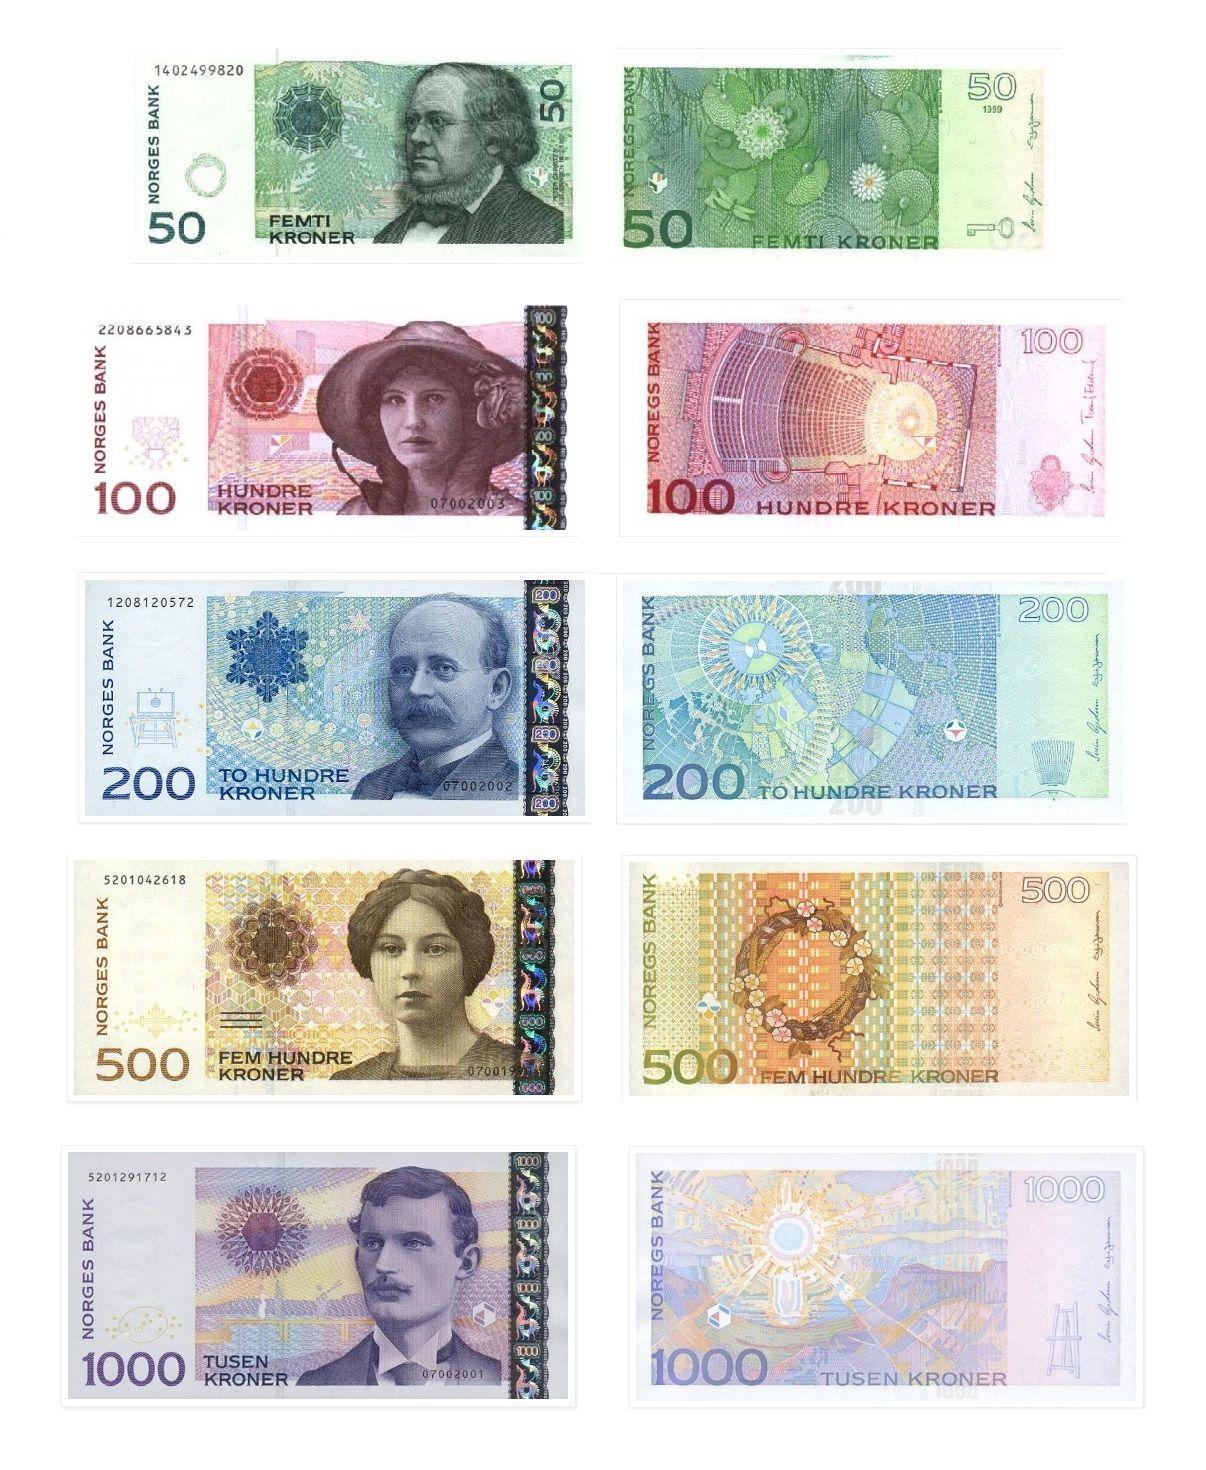 danish krone to norwegian krone